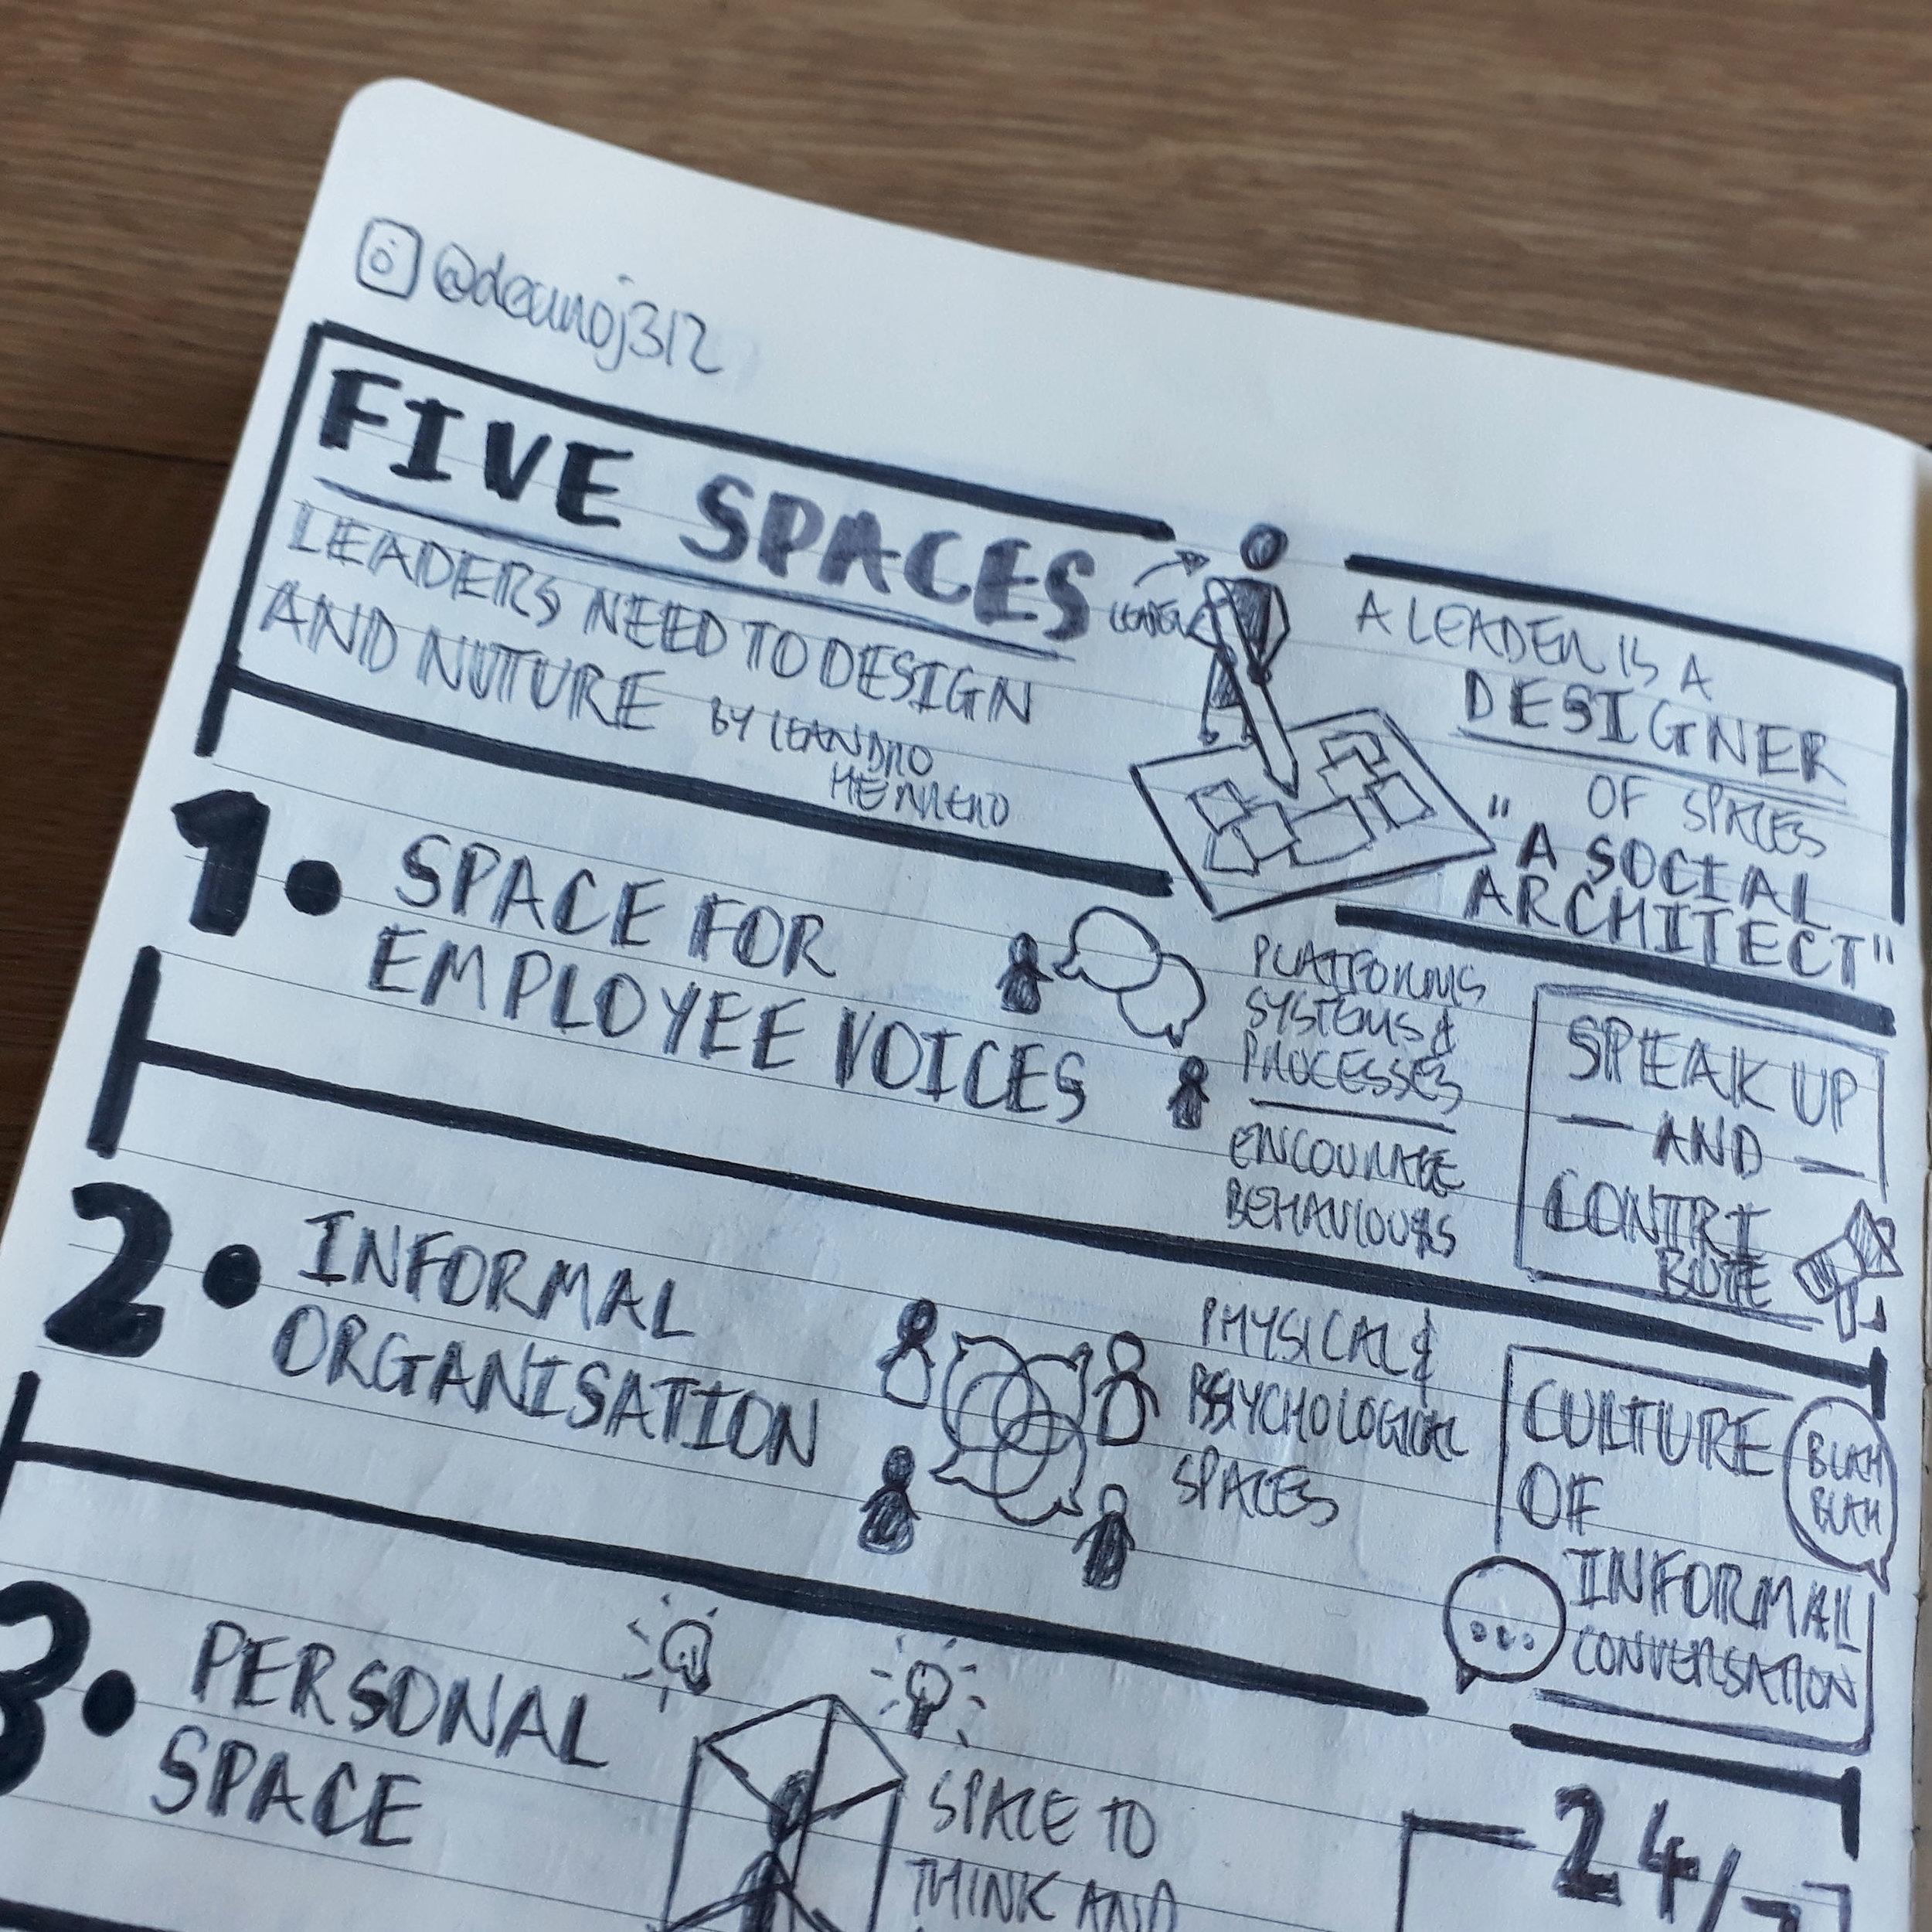 FiveSpacesLeadersNeedToDesignAndNuture3.jpg